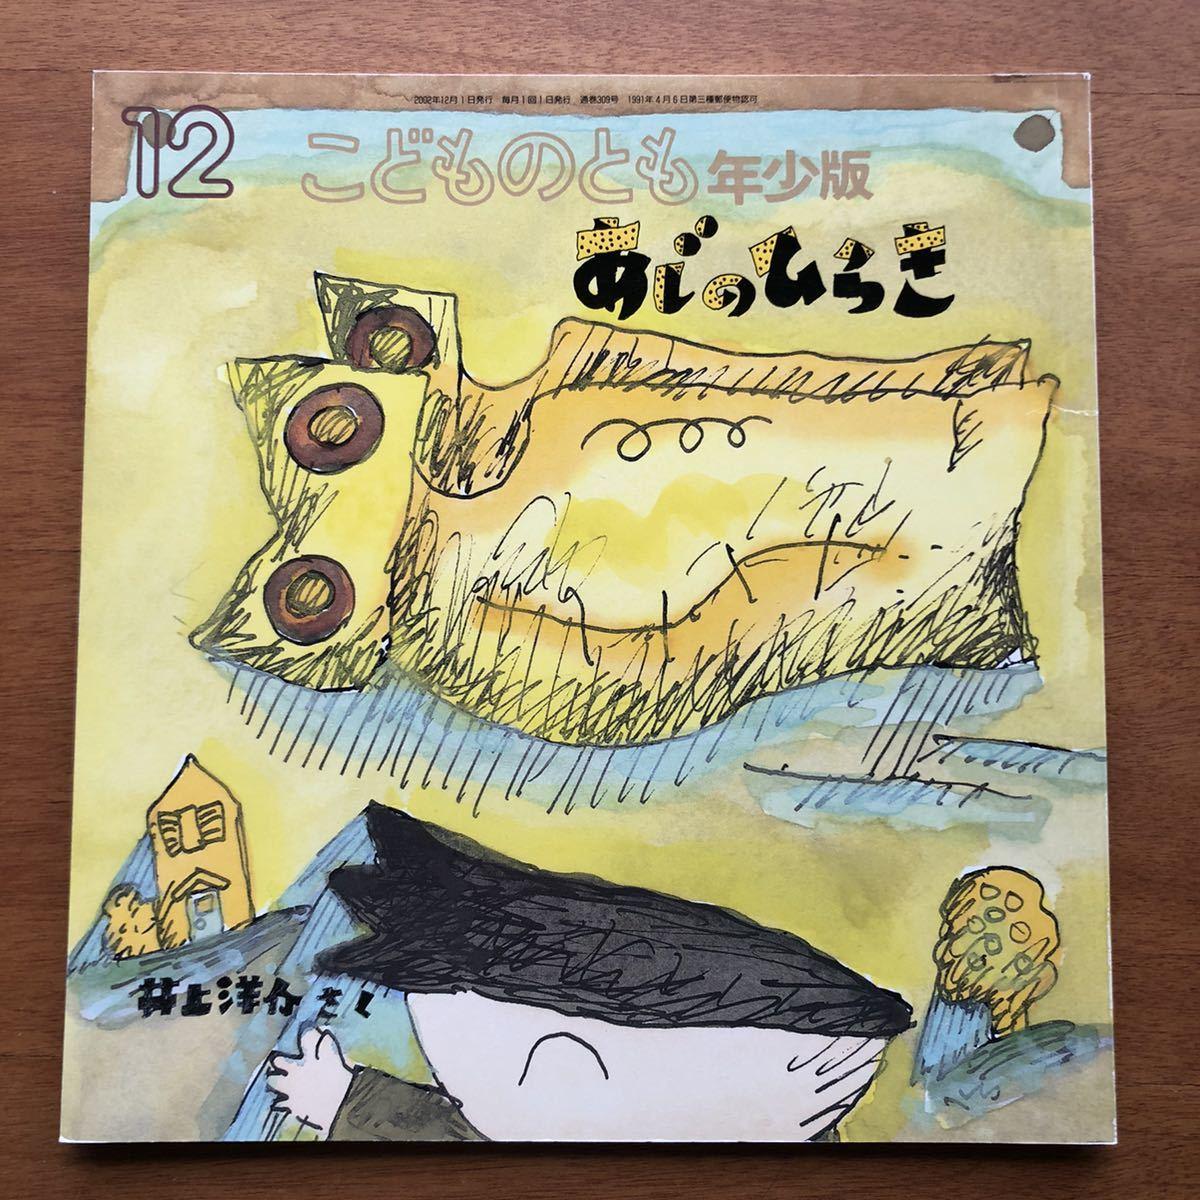 こどものとも年少版 あじのひらき 井上洋介 2002年 初版 絶版 古い 絵本 育児 保育 読み聞かせ 幼児 アジの開き 魚 魚屋